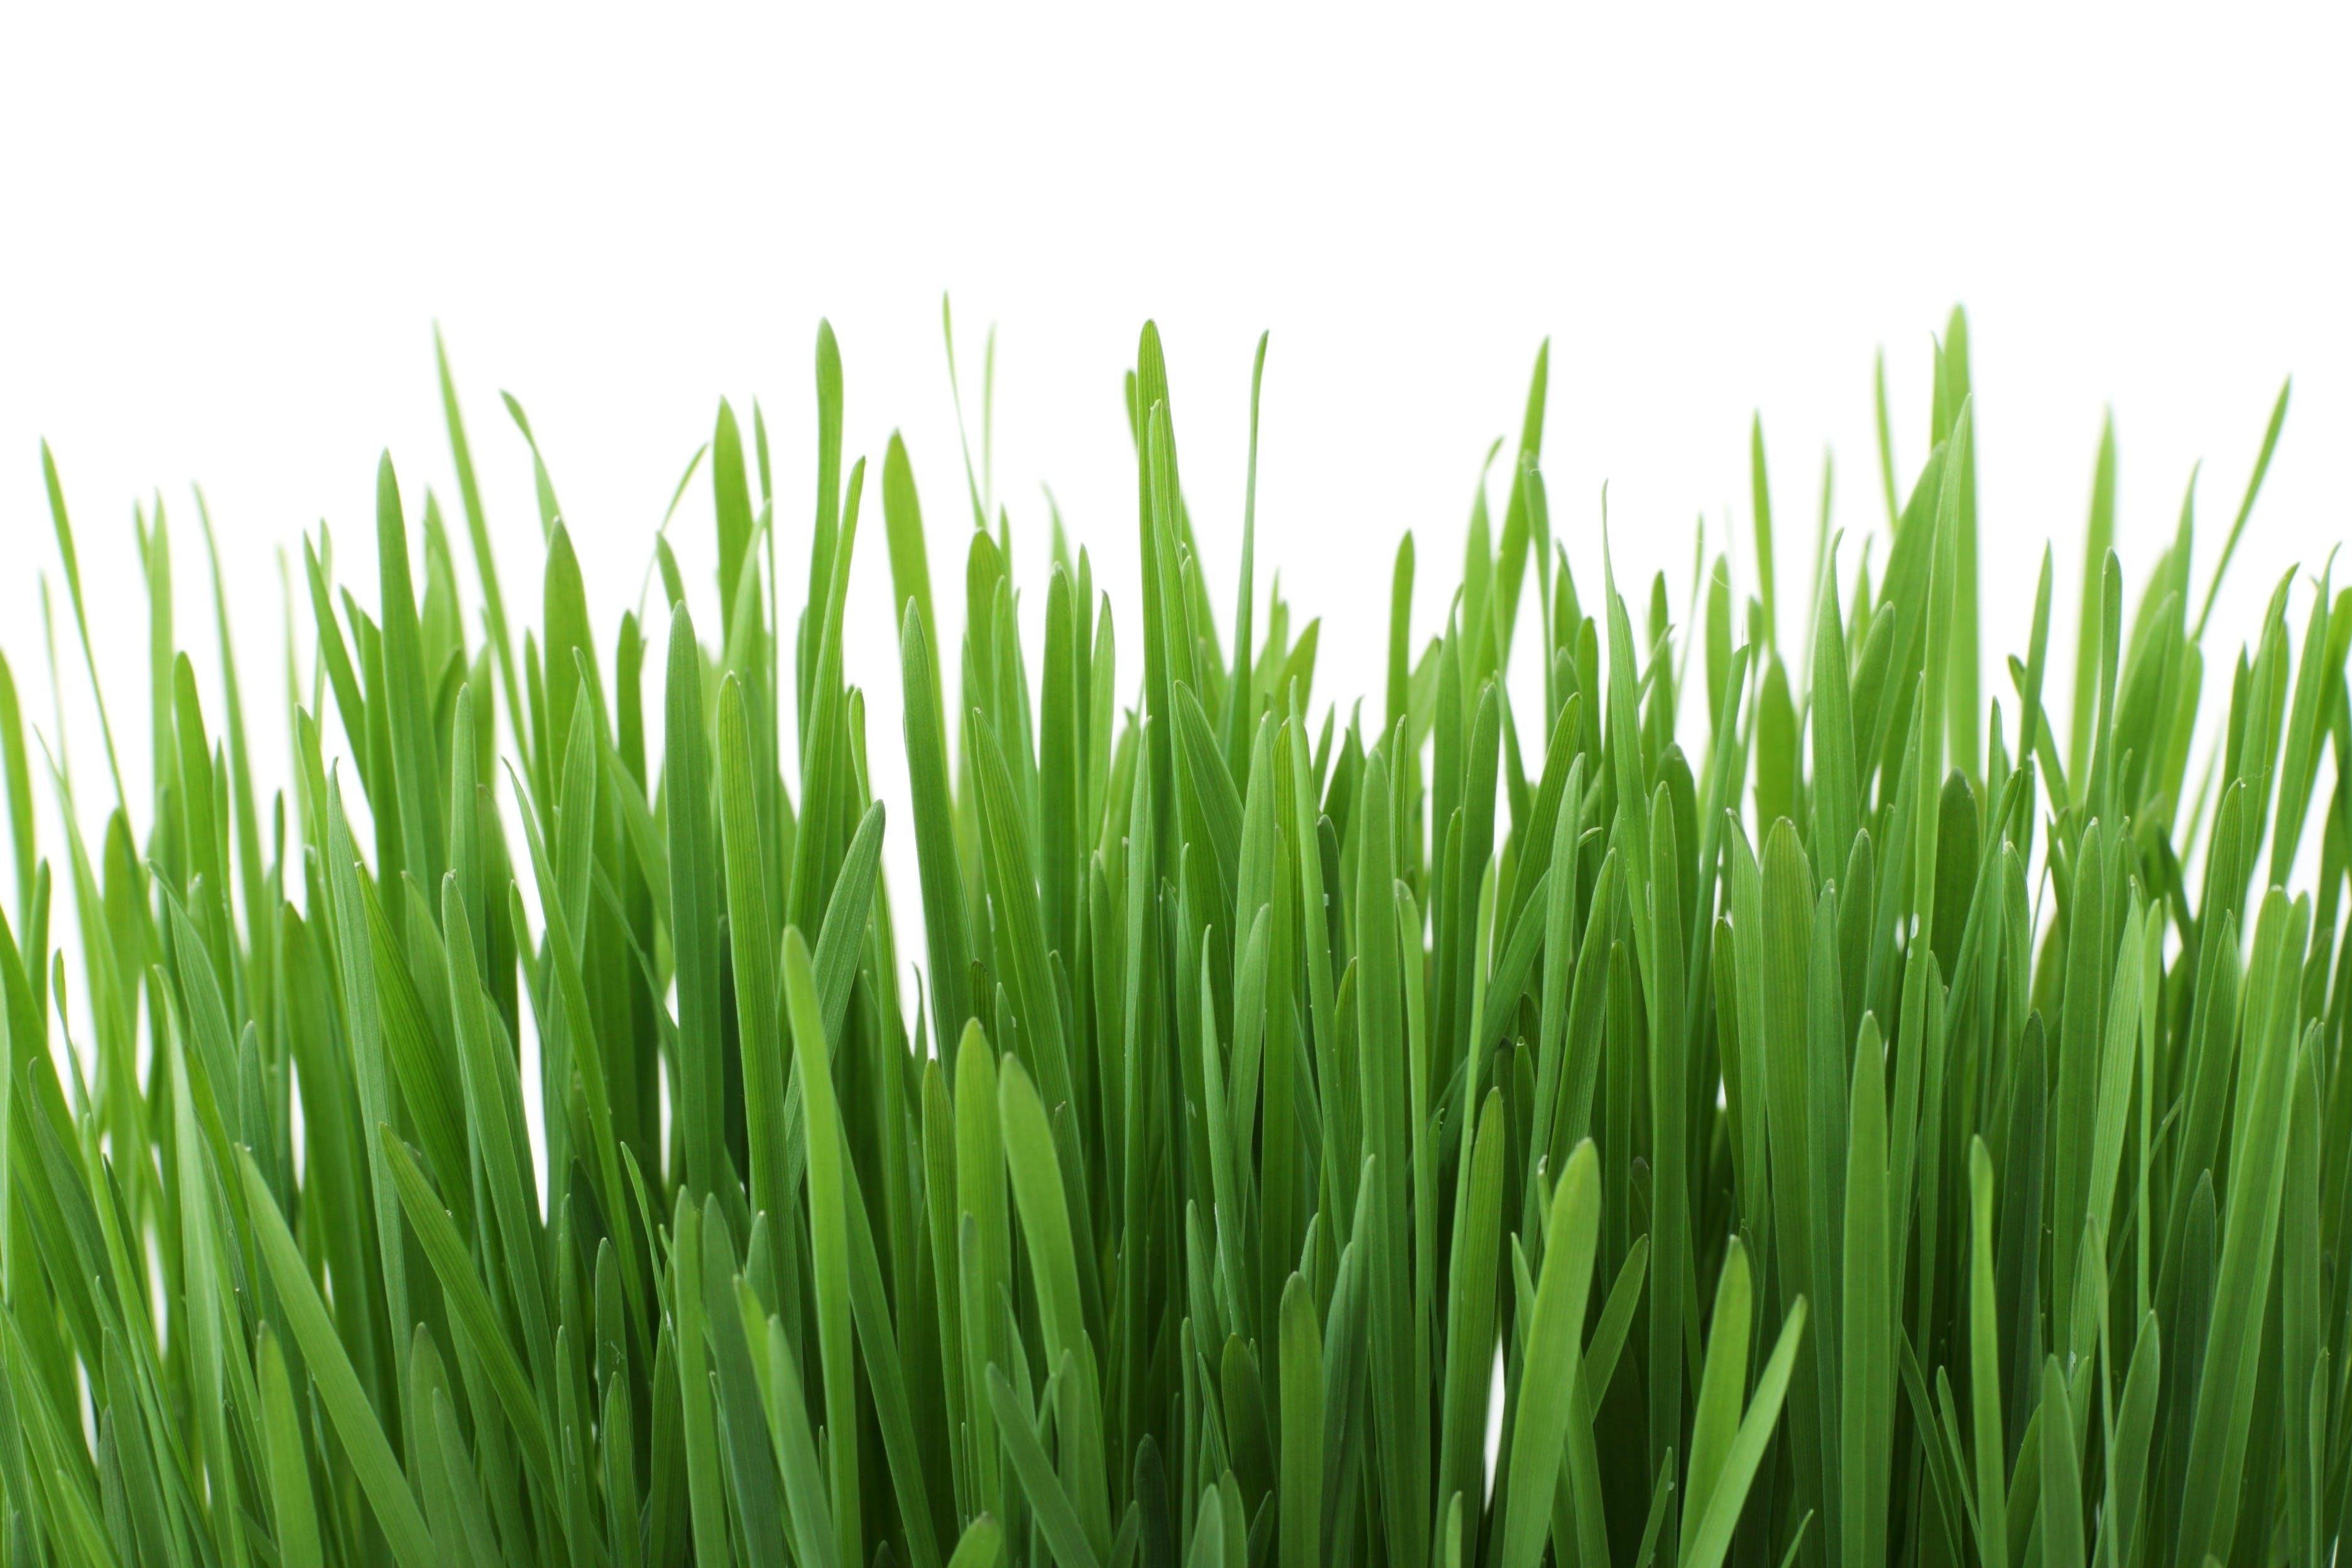 grass. Simple Grass Green Grass In E